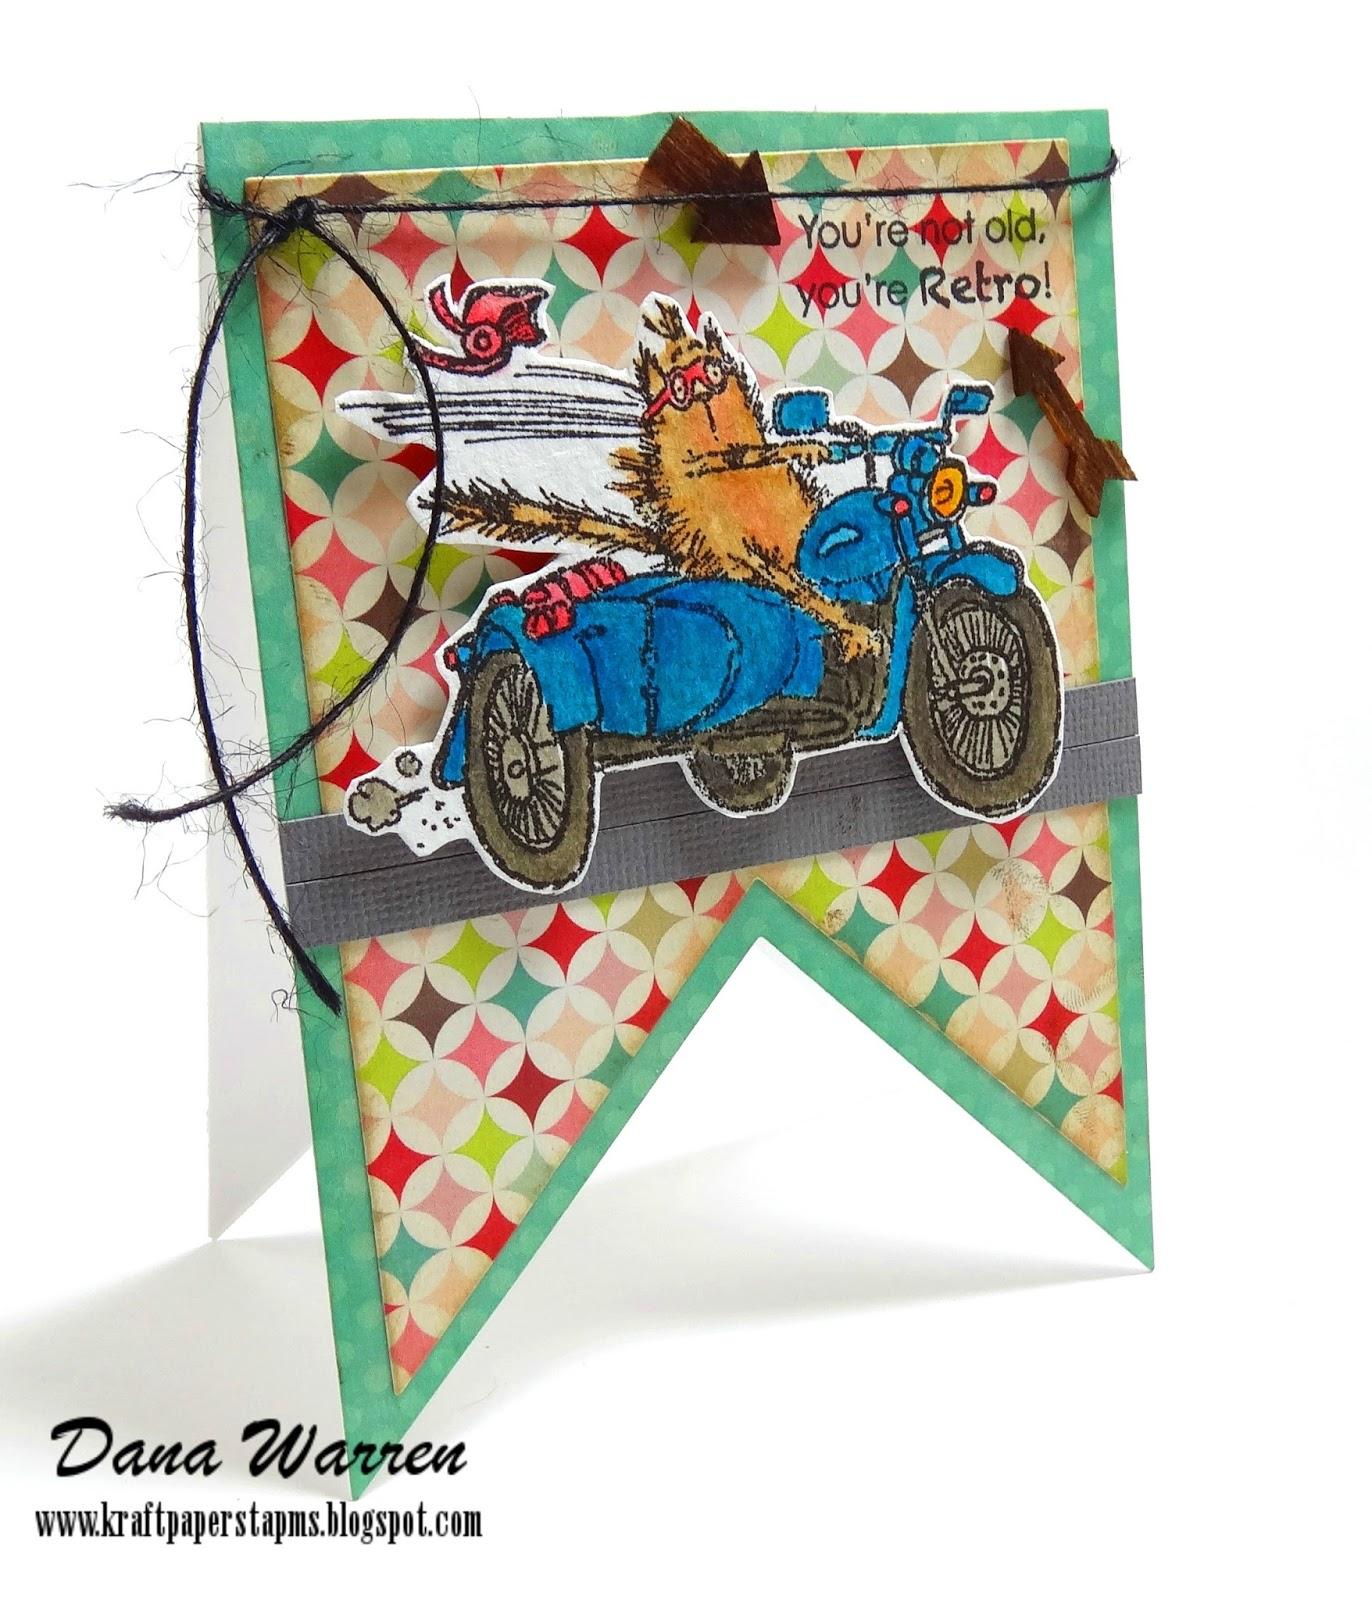 Dana Warren - Kraft Paper Stamps - Penny Black